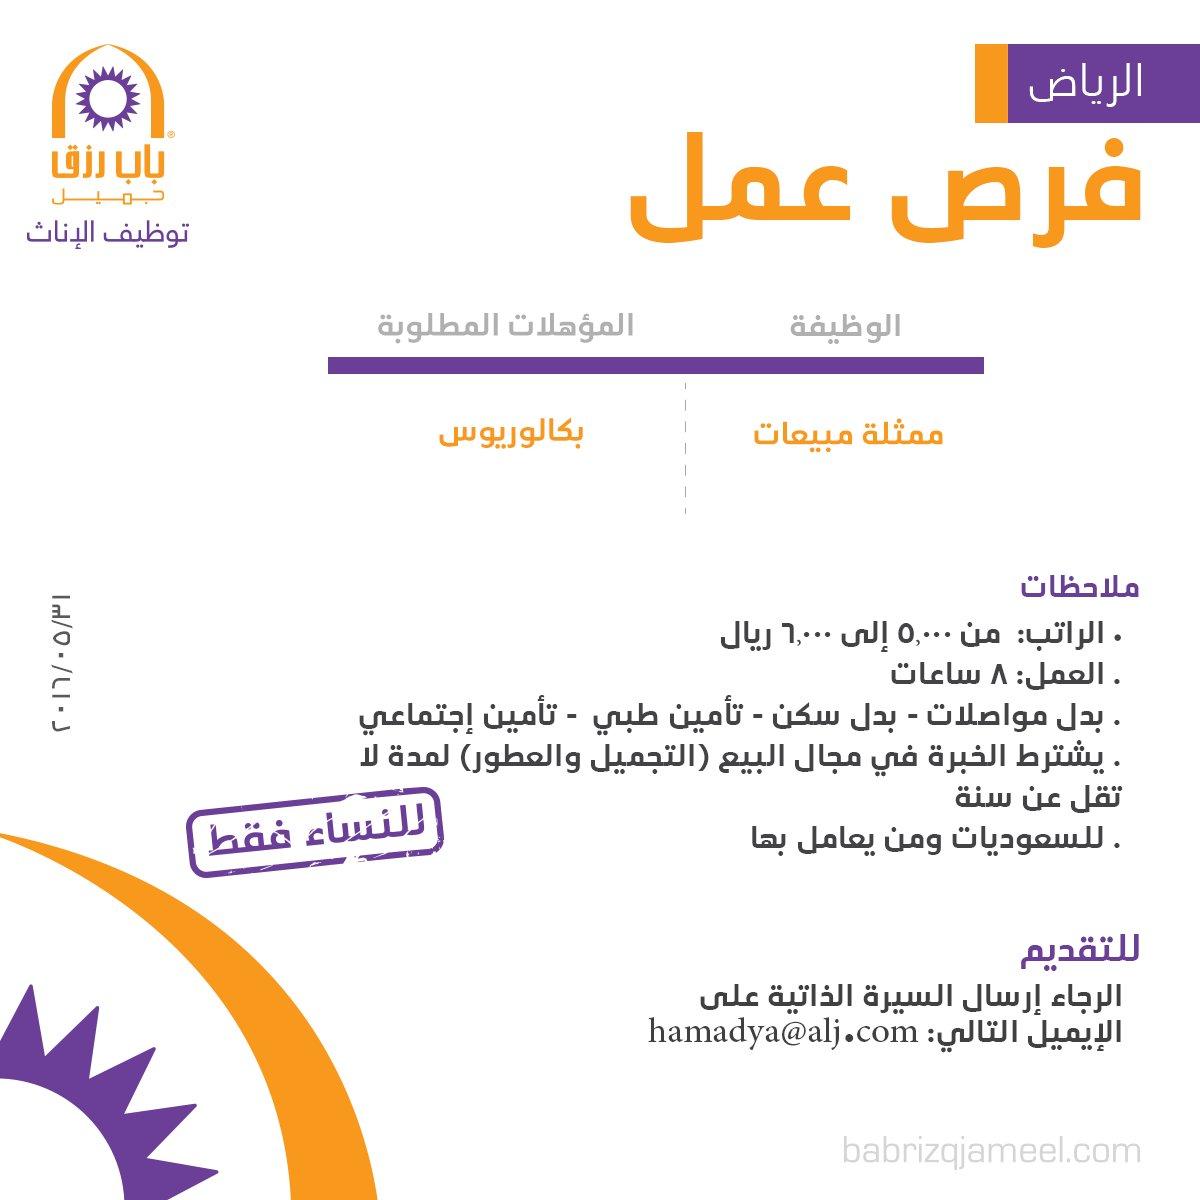 مطلوب ممثلة مبيعات - الرياض